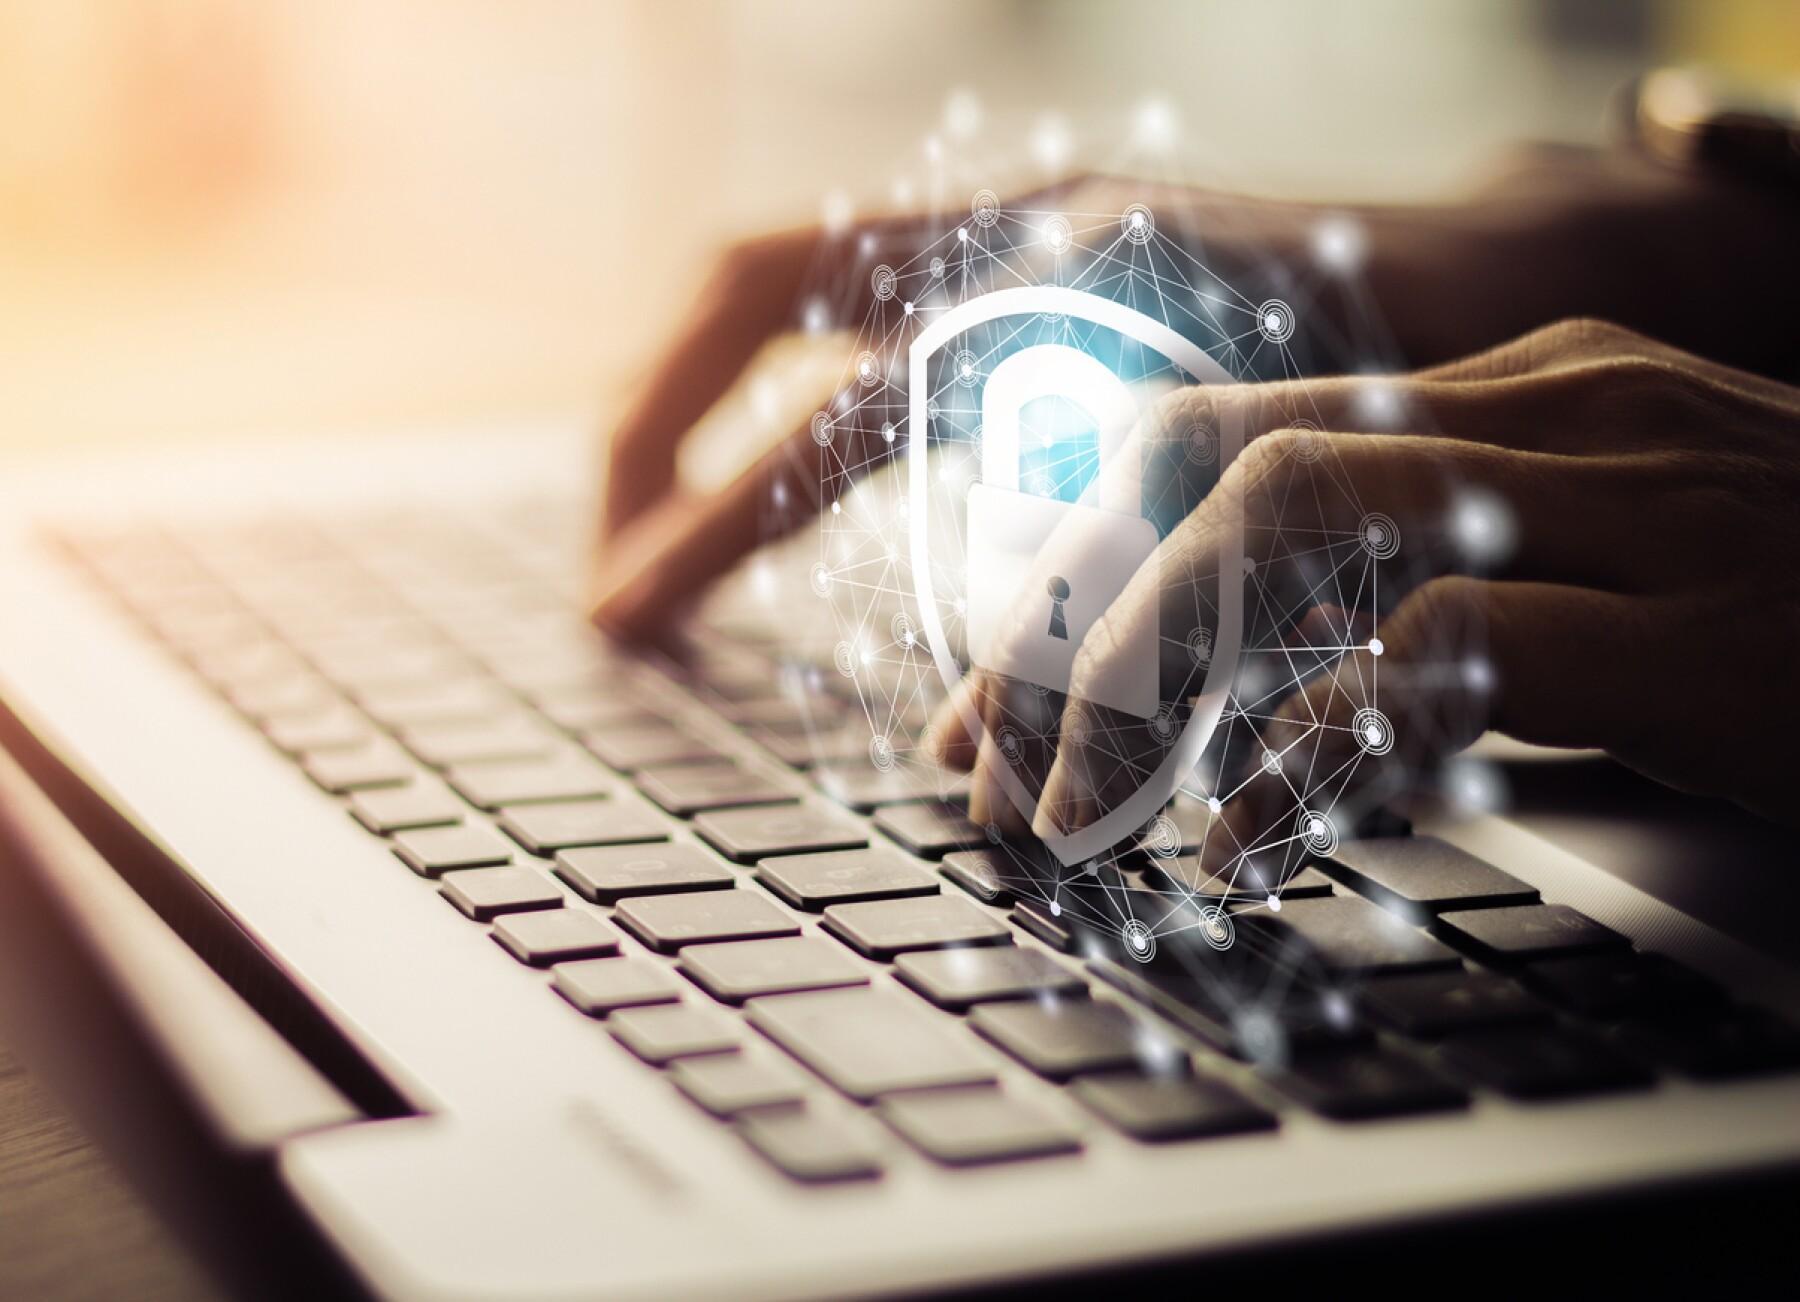 Secretaría de Economía servidores hackeo ataque cibernético